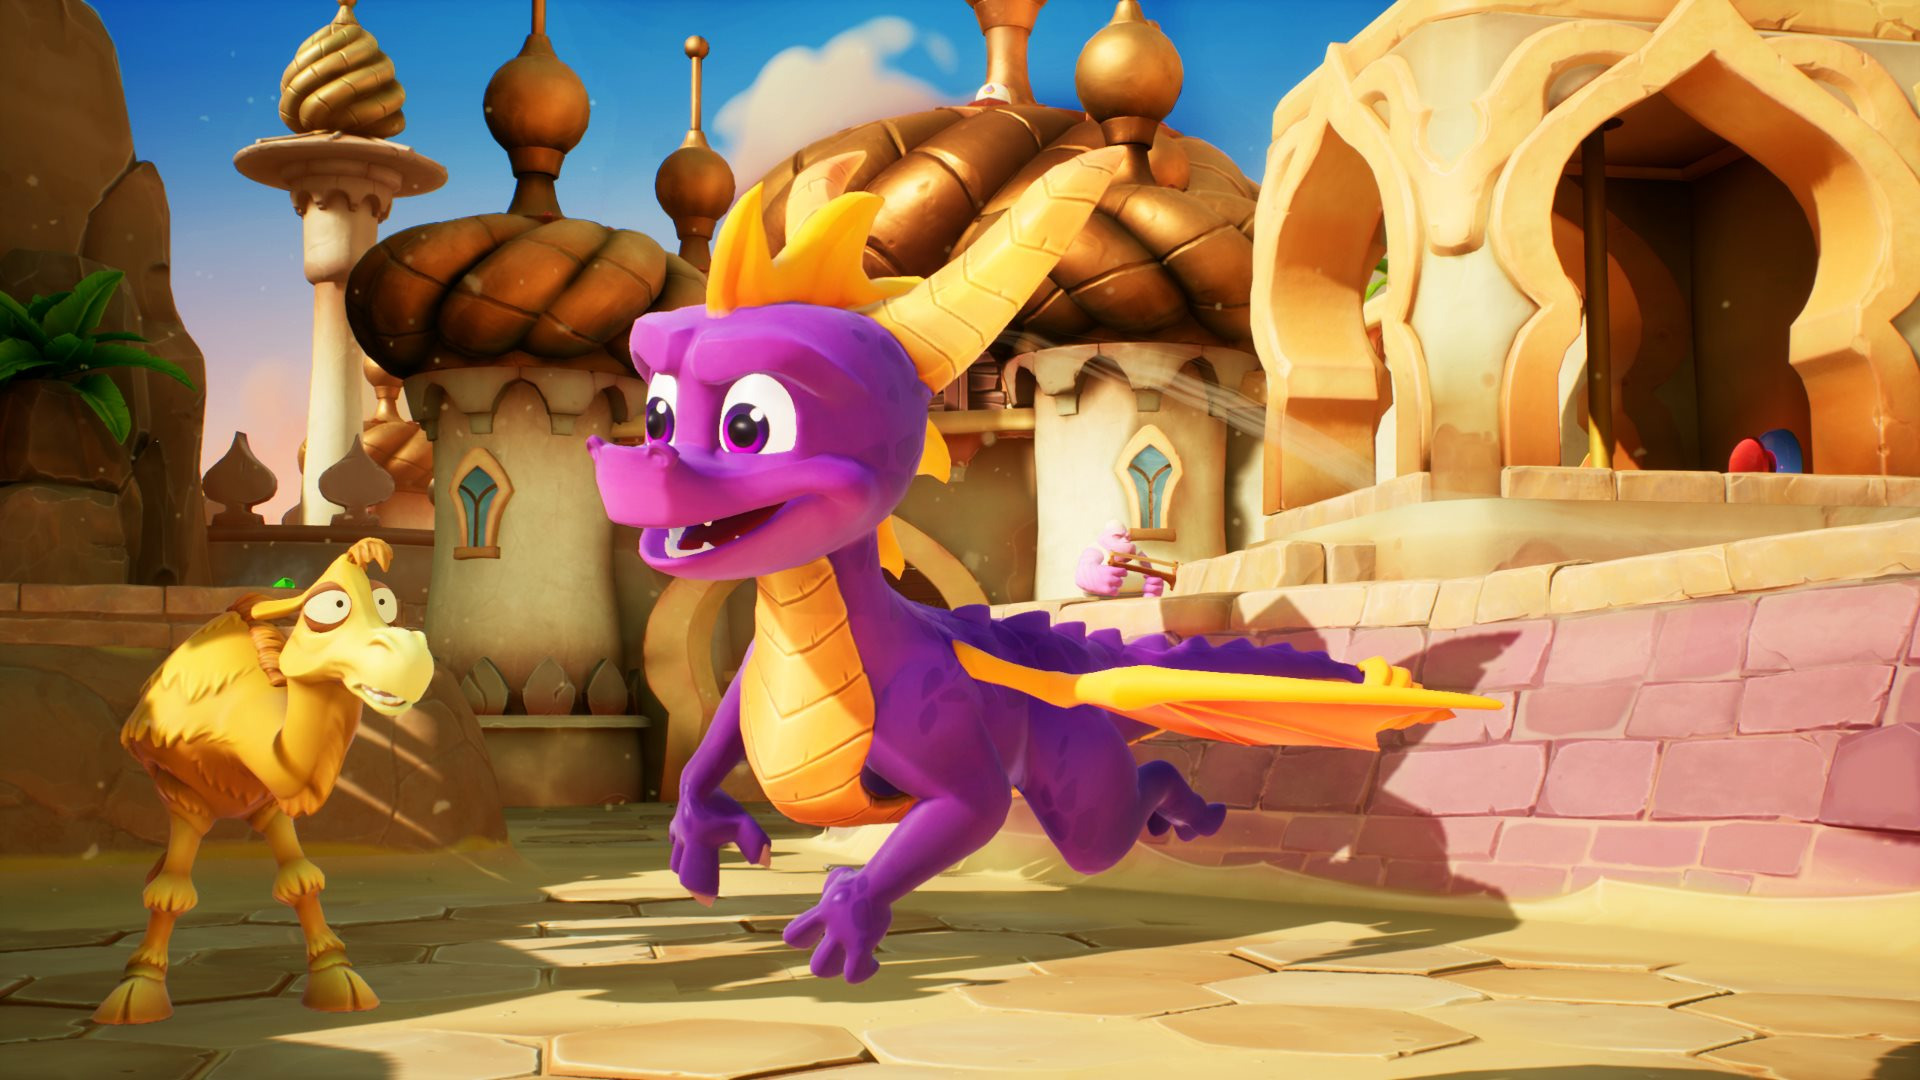 PREVIEW SCREENSHOT4 531532 - Spyro Reignited Trilogy – Der lila Drache ist zurück!